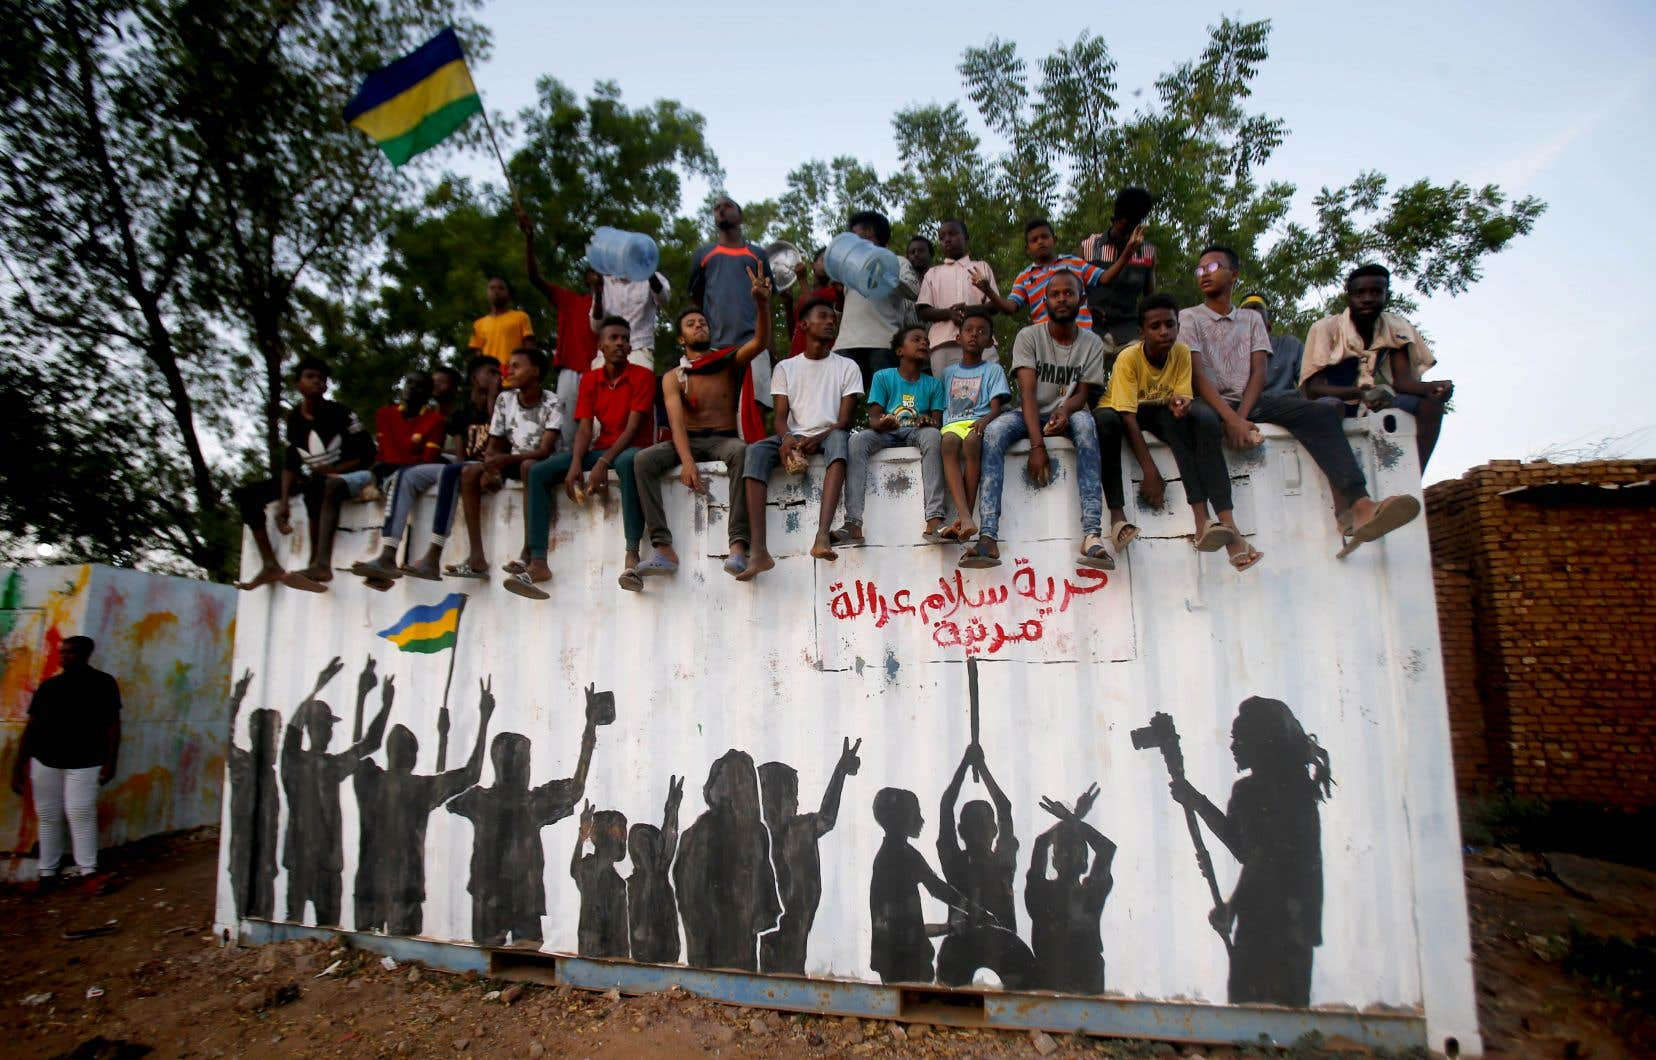 Les manifestants soudanais célèbrent dans les rues de Khartoum après que des généraux au pouvoir et des responsables de la protestation aient annoncé qu'ils étaient parvenus à un accord.